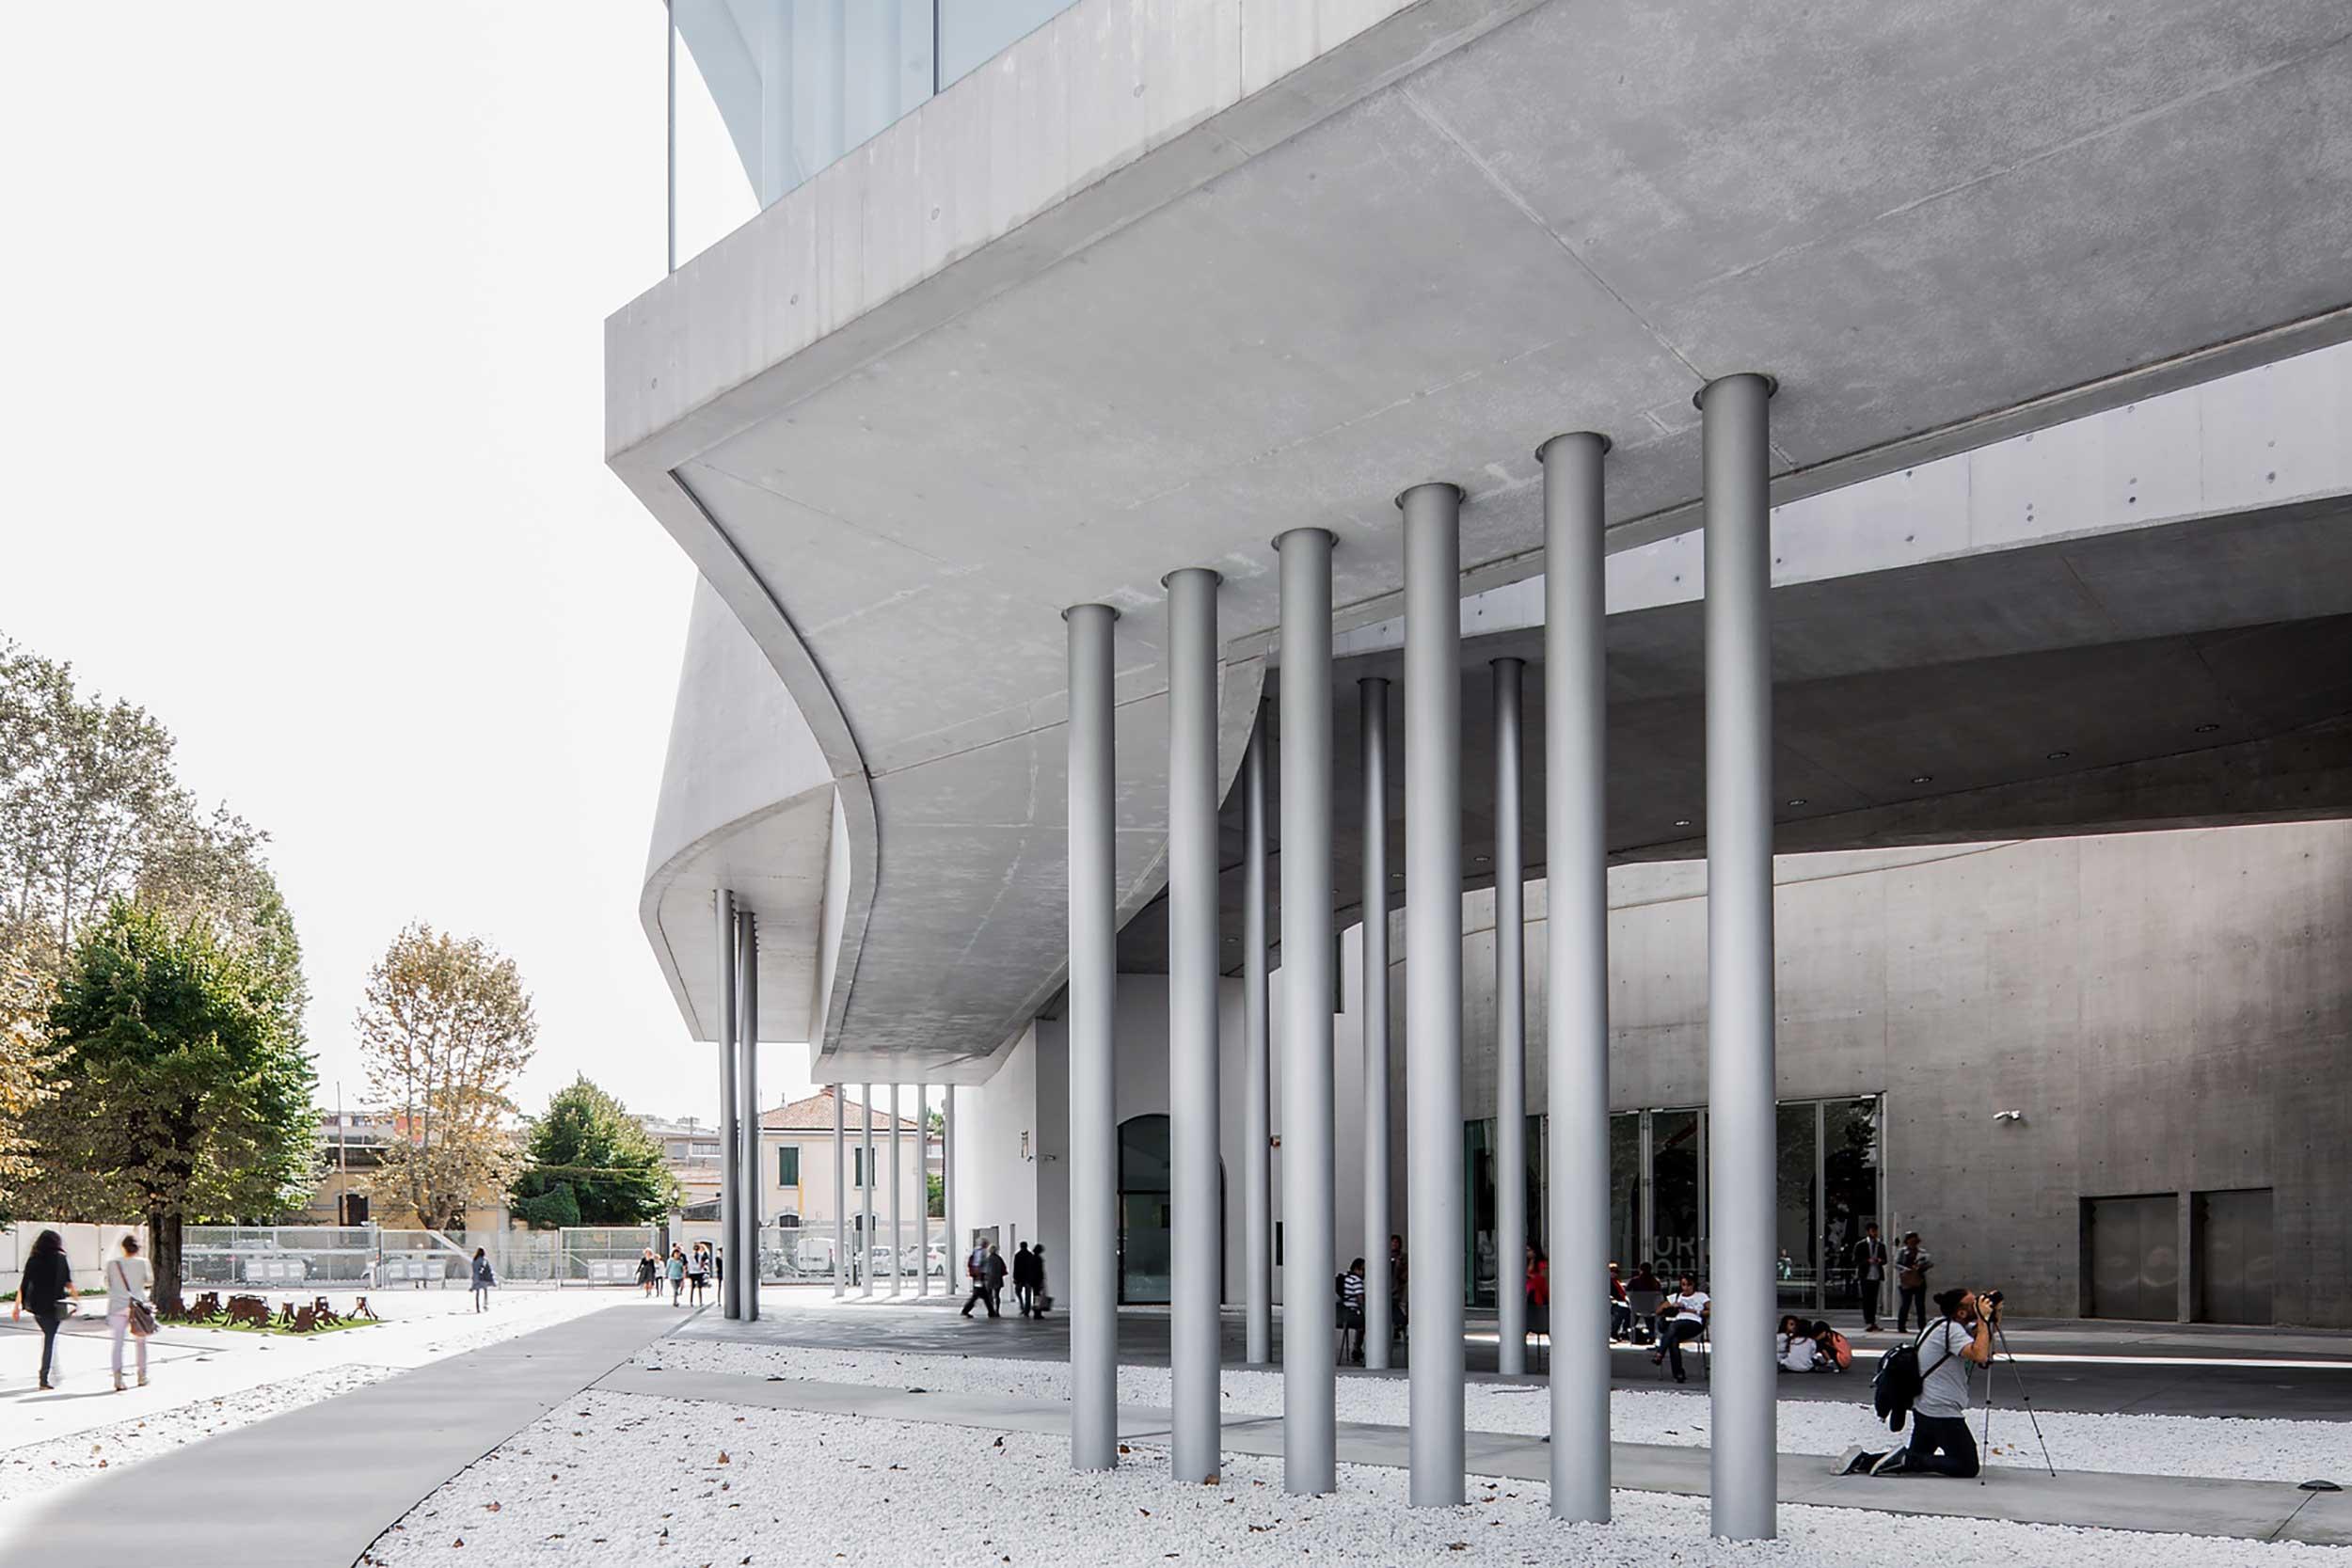 arkkitehtuuri hopean rakennuksen kuva